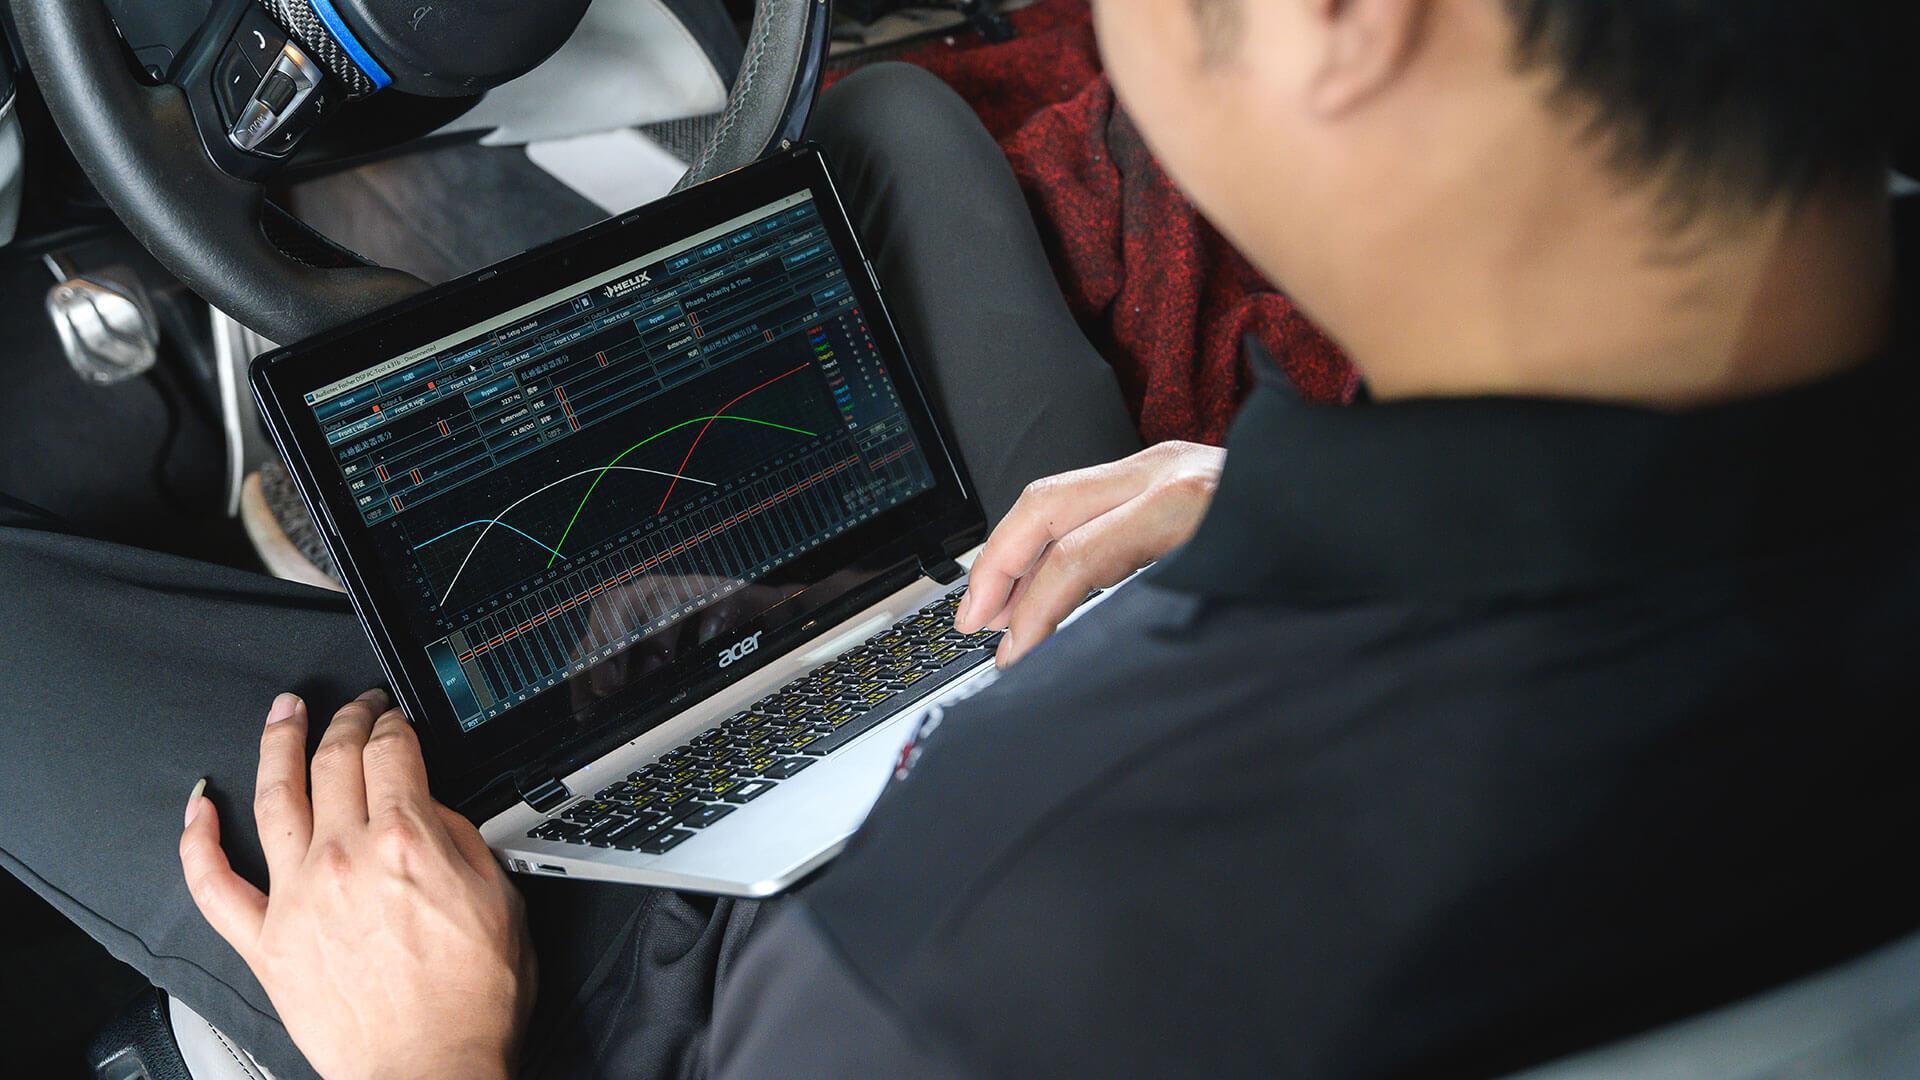 slider - 協名汽車音響改裝 | 行車紀錄器 | 汽車改裝推薦